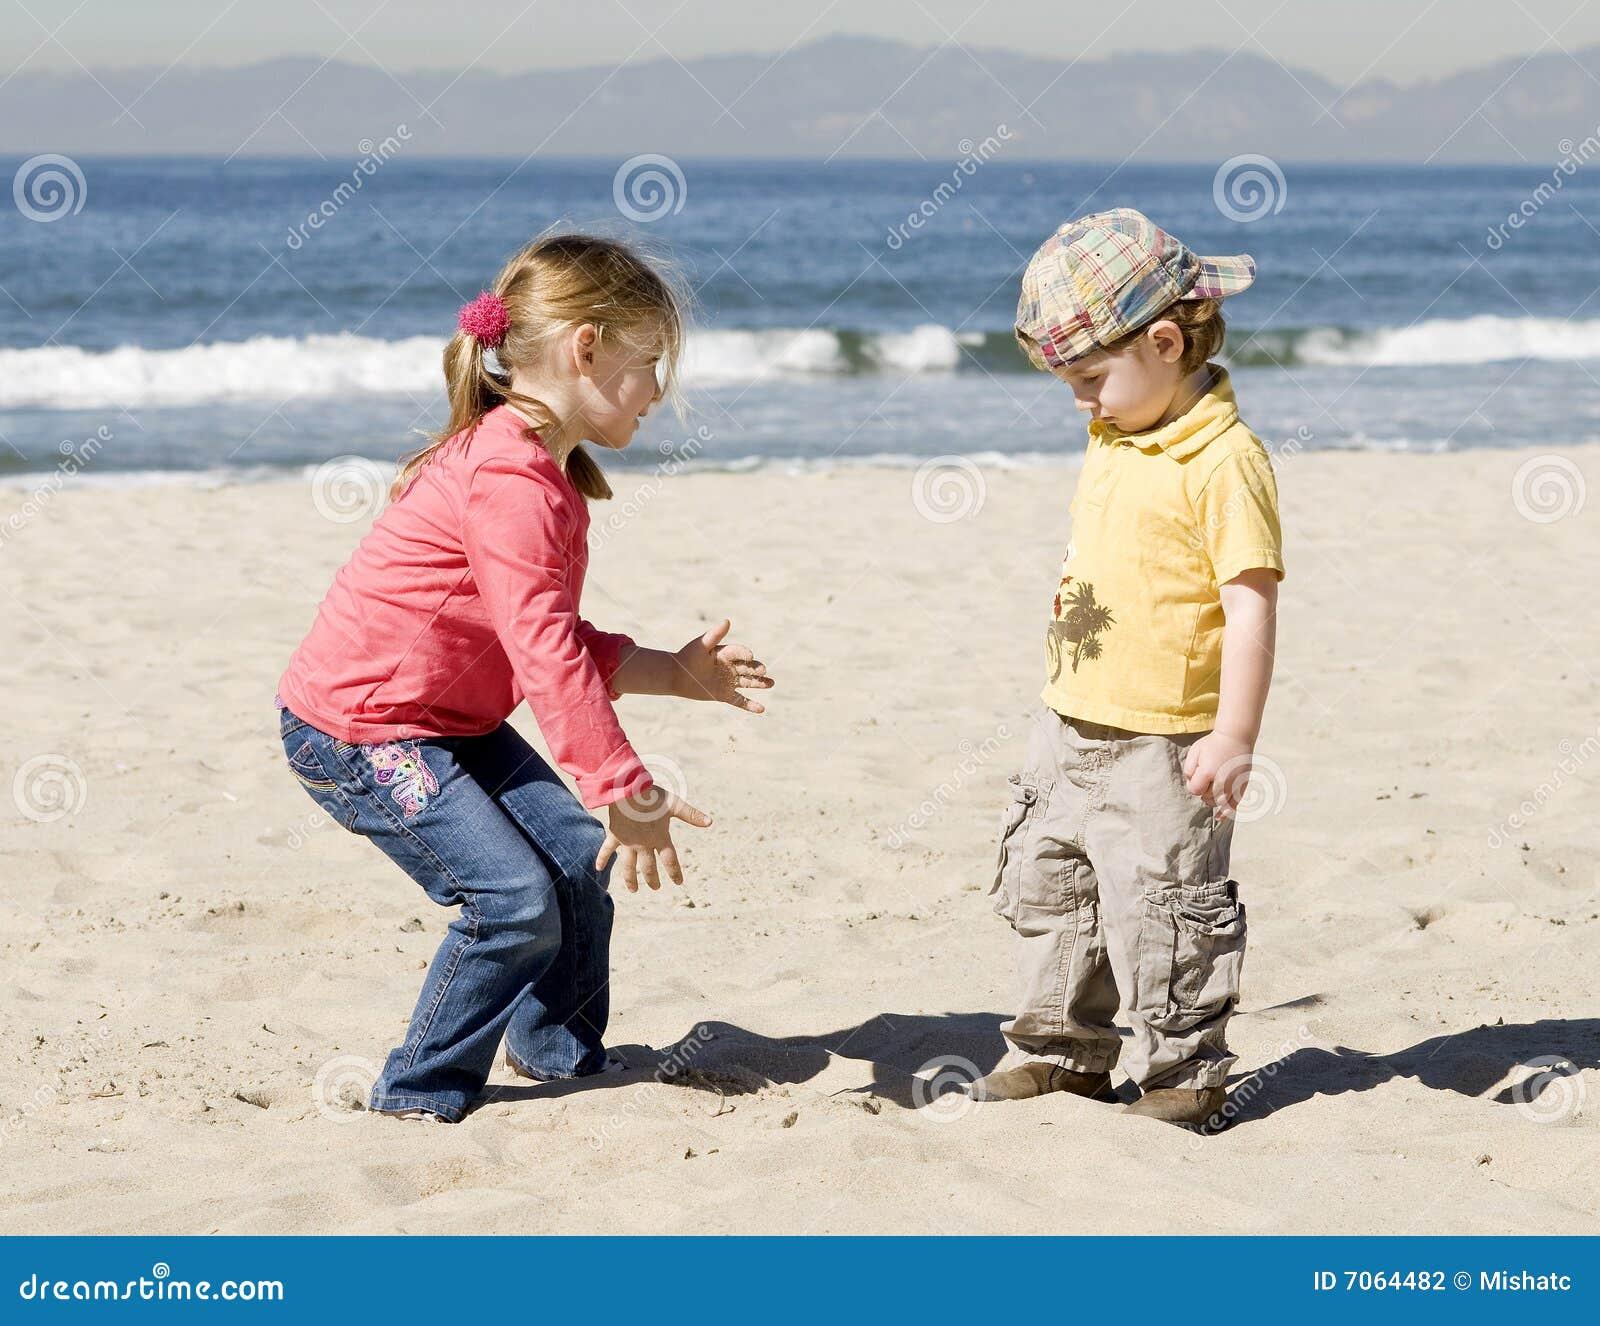 Kinder spielen auf Strand